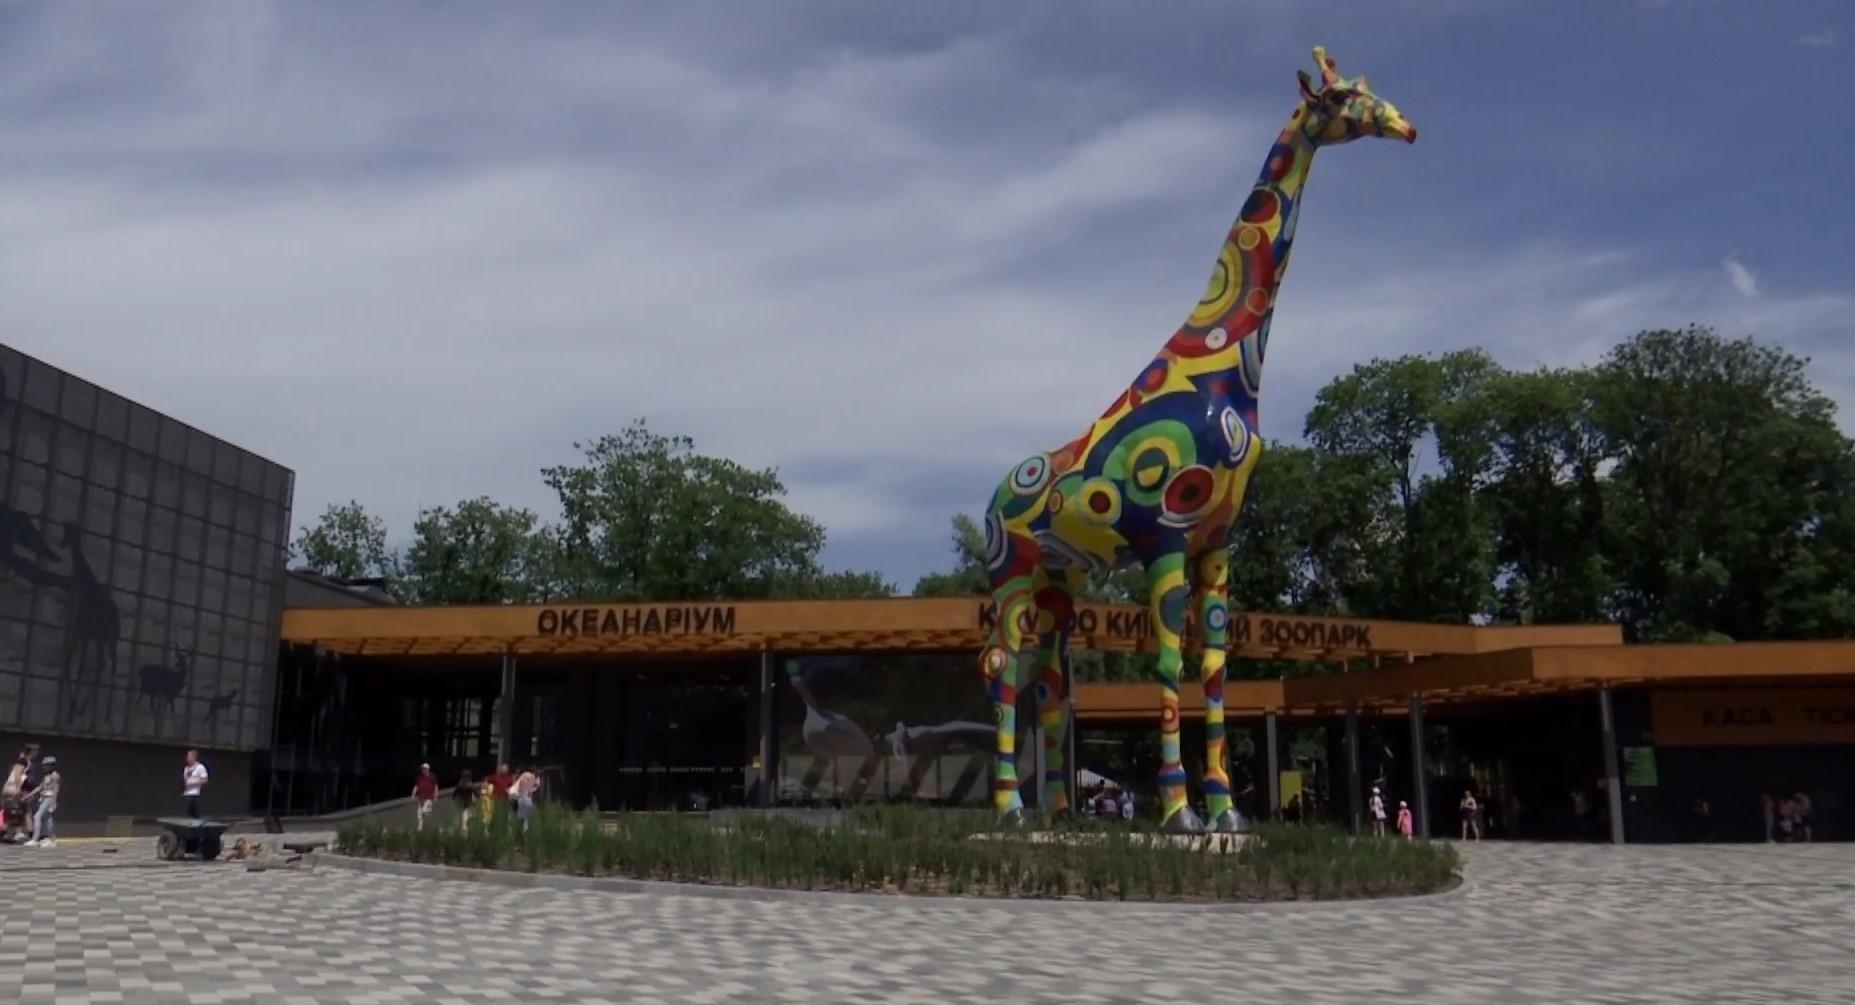 Как живется животным киевского зоопарка после карантина: трогательные фото и видео - Новости Киев - 24 Канал